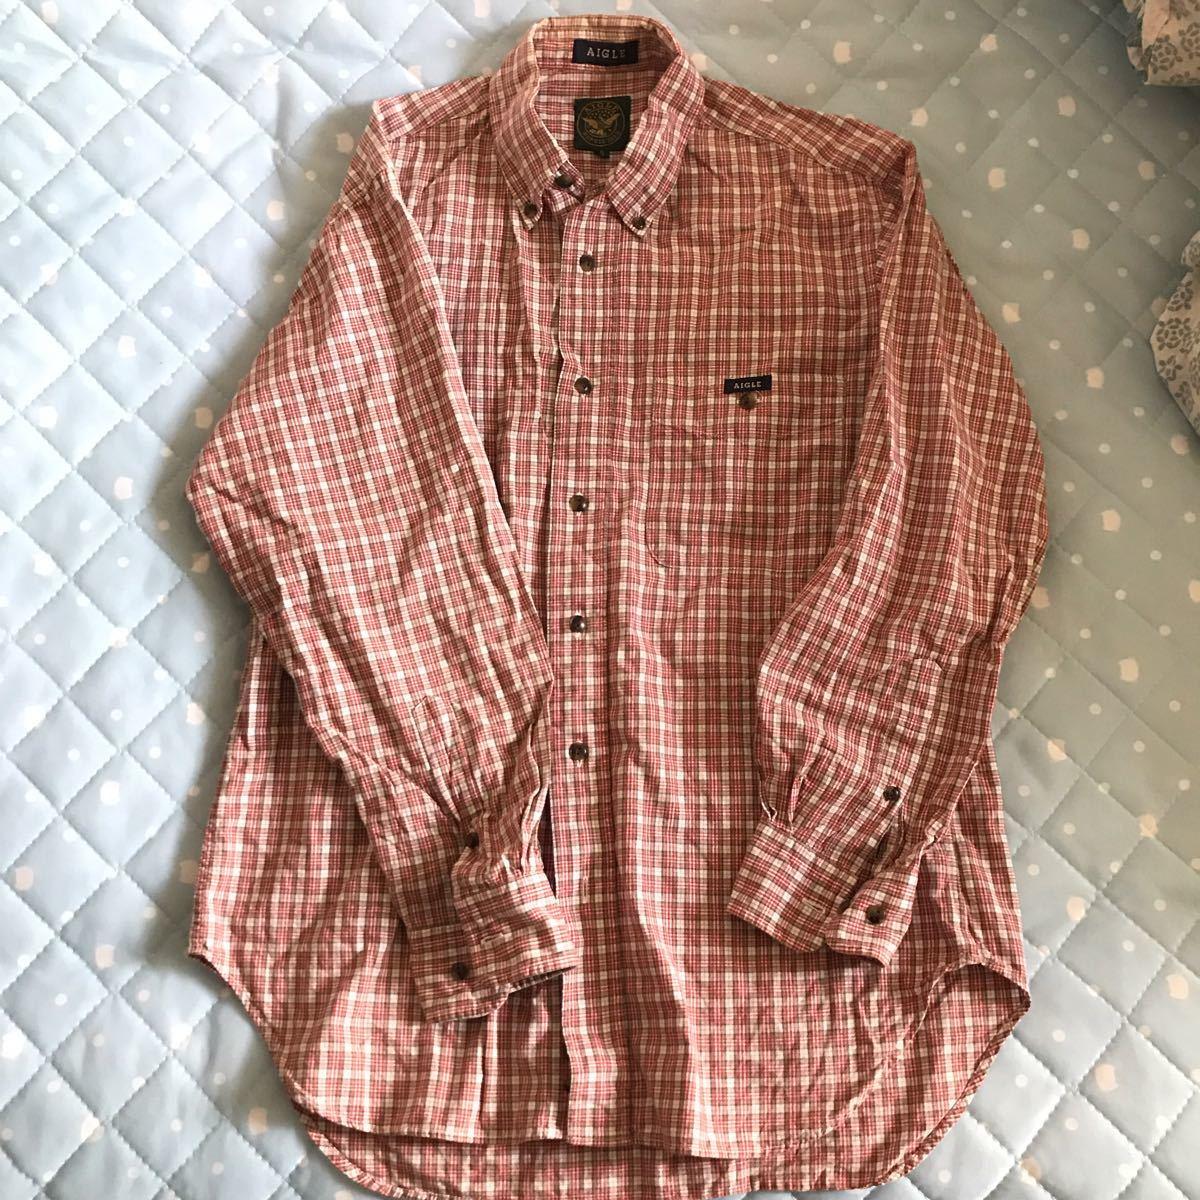 送料込み 希少日本製 エーグル AIGLE チェックシャツ サイズS_画像1